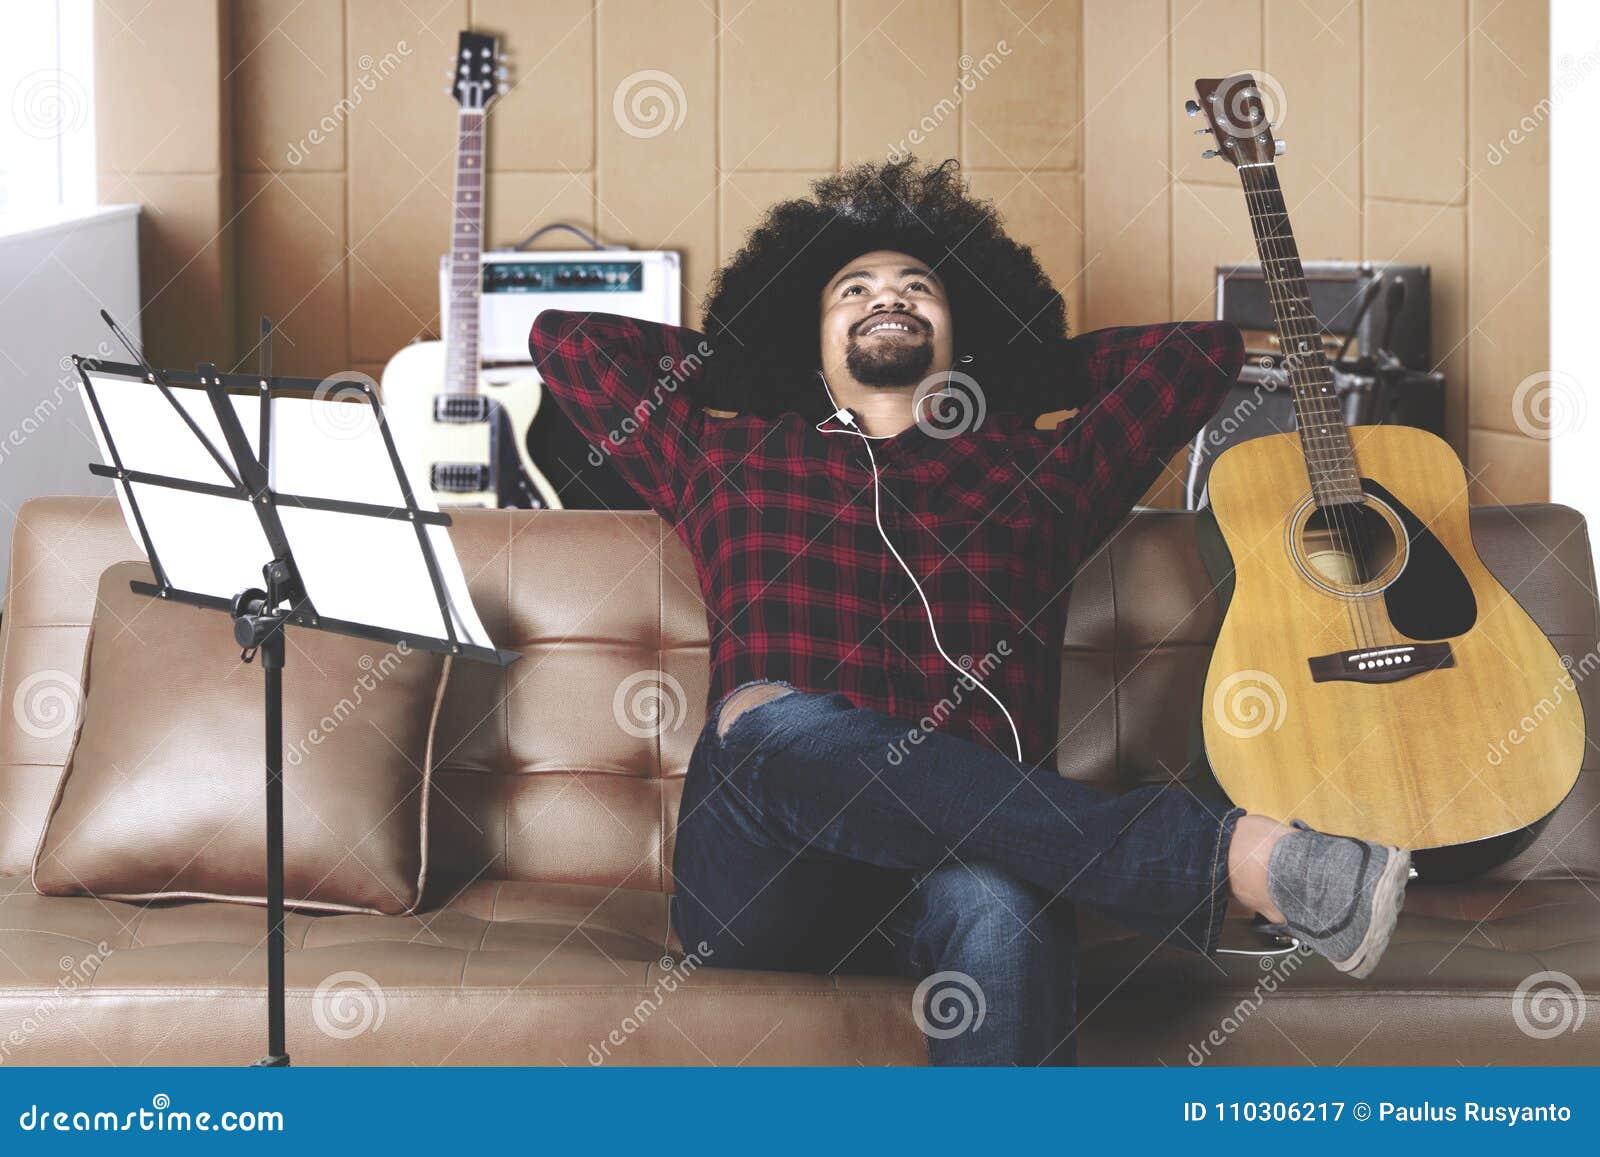 听到音乐发现启发的音乐家写歌曲